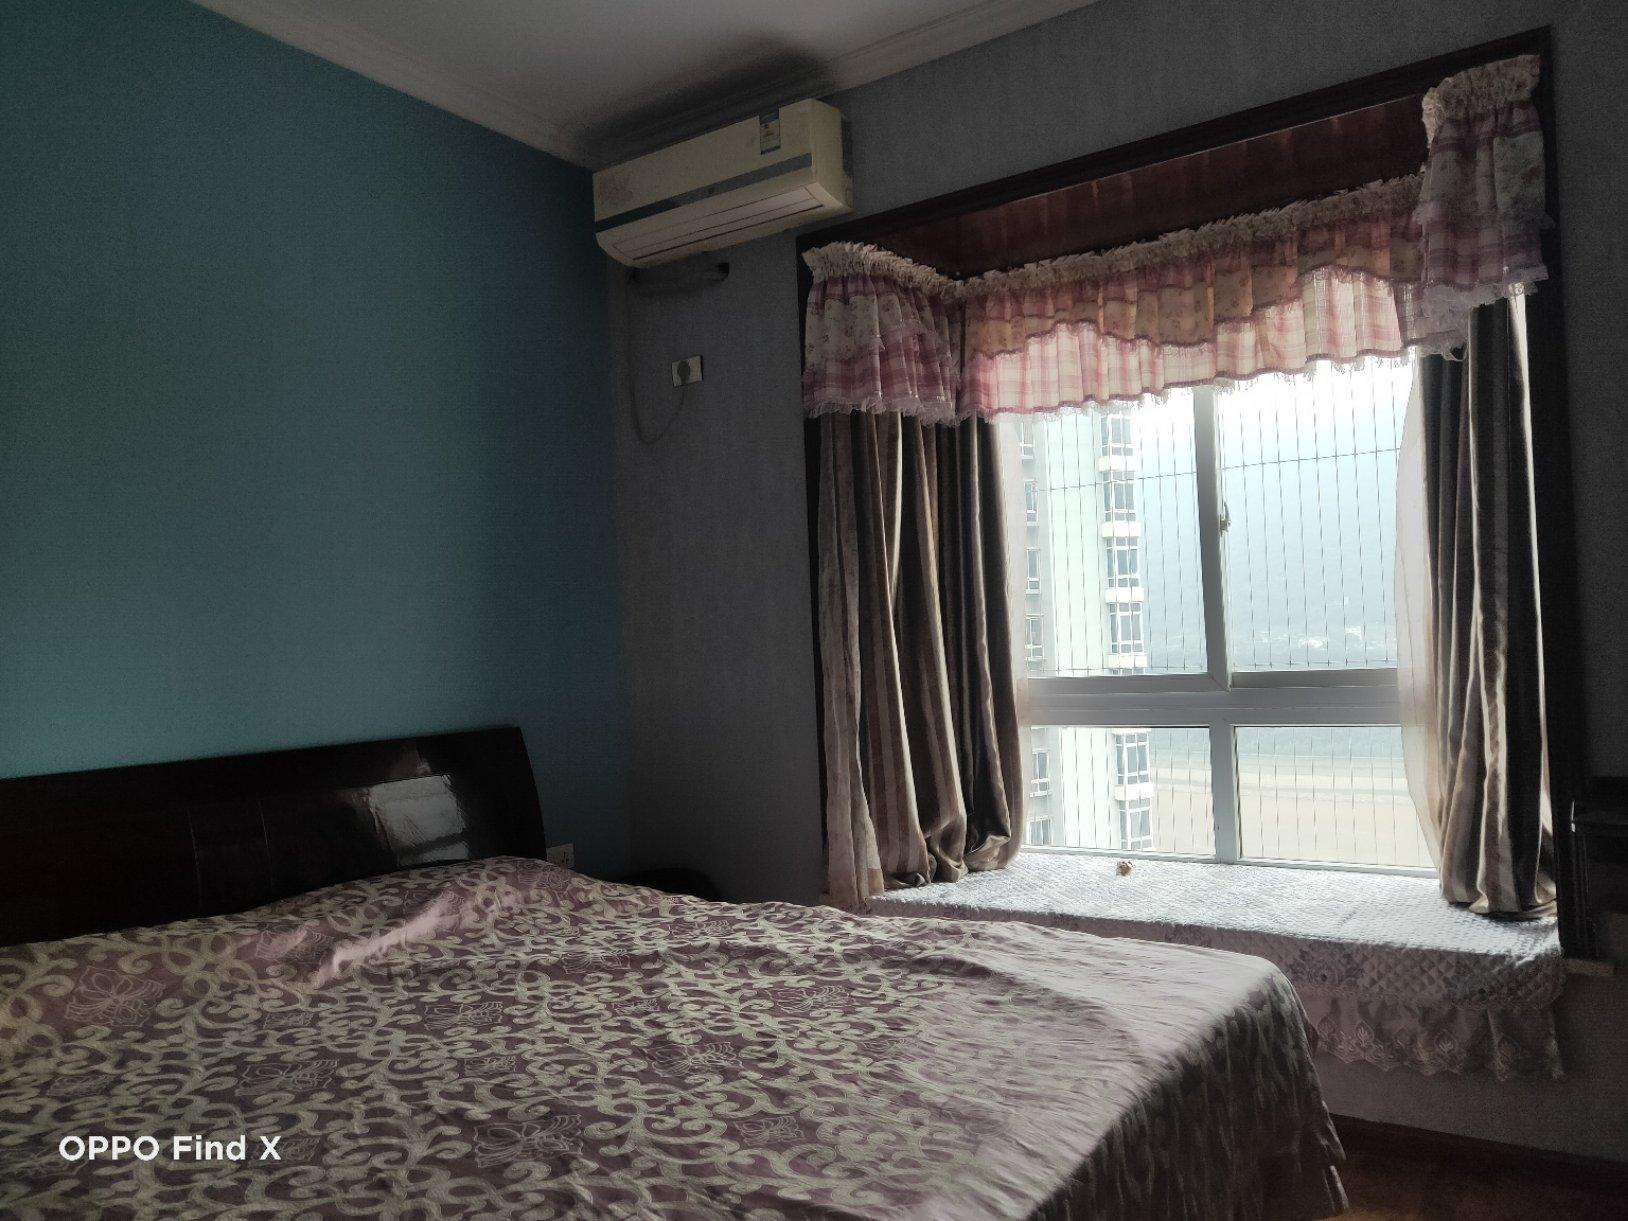 涪陵区敦仁精装3室2厅1卫二手房出售